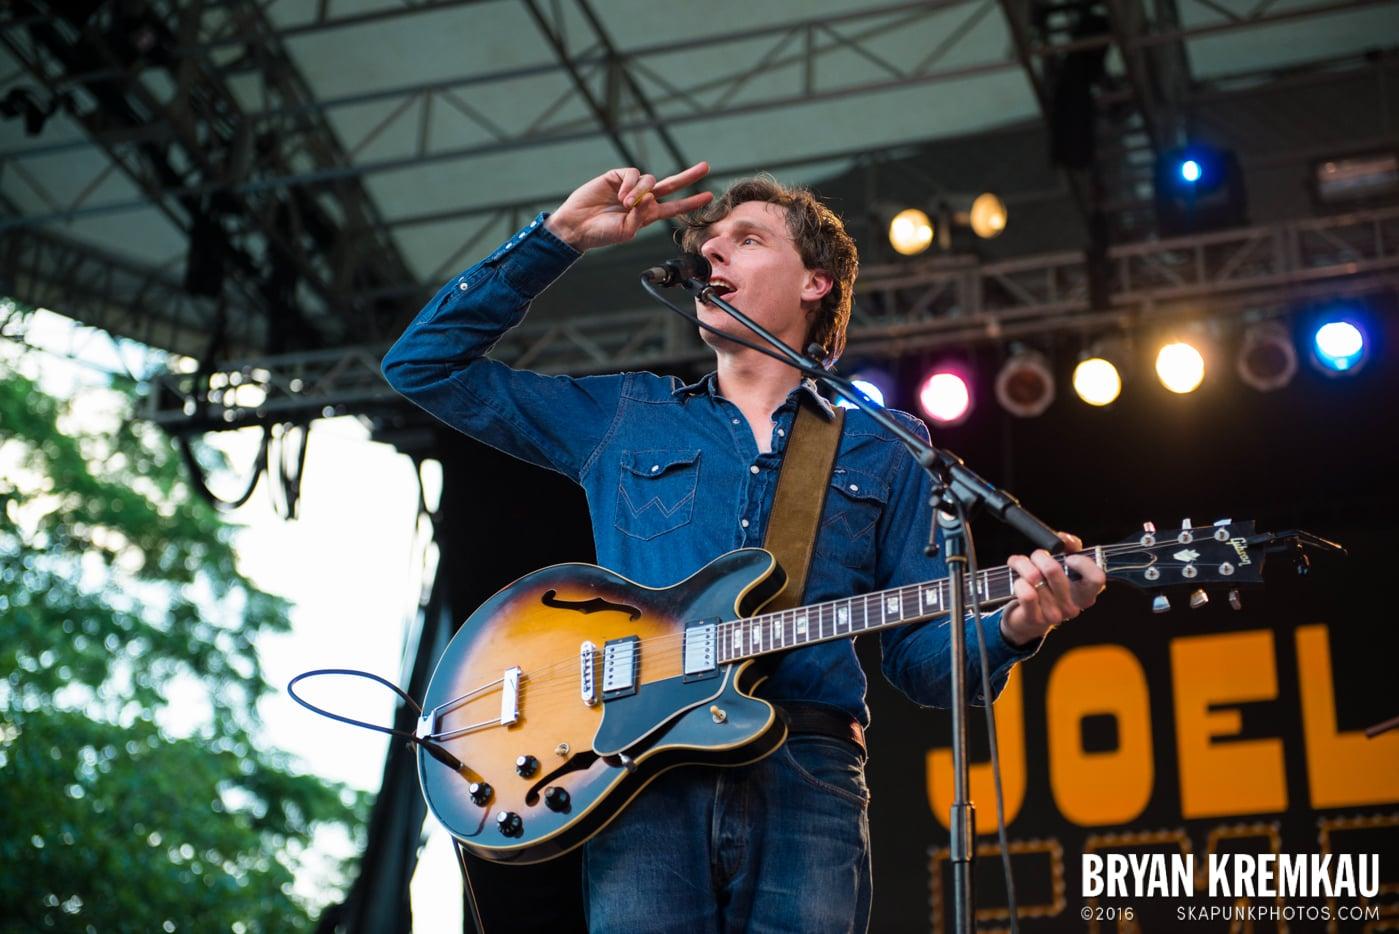 Joel Plaskett Emergency @ Central Park Summer Stage, NYC - 6.29.13 (8)